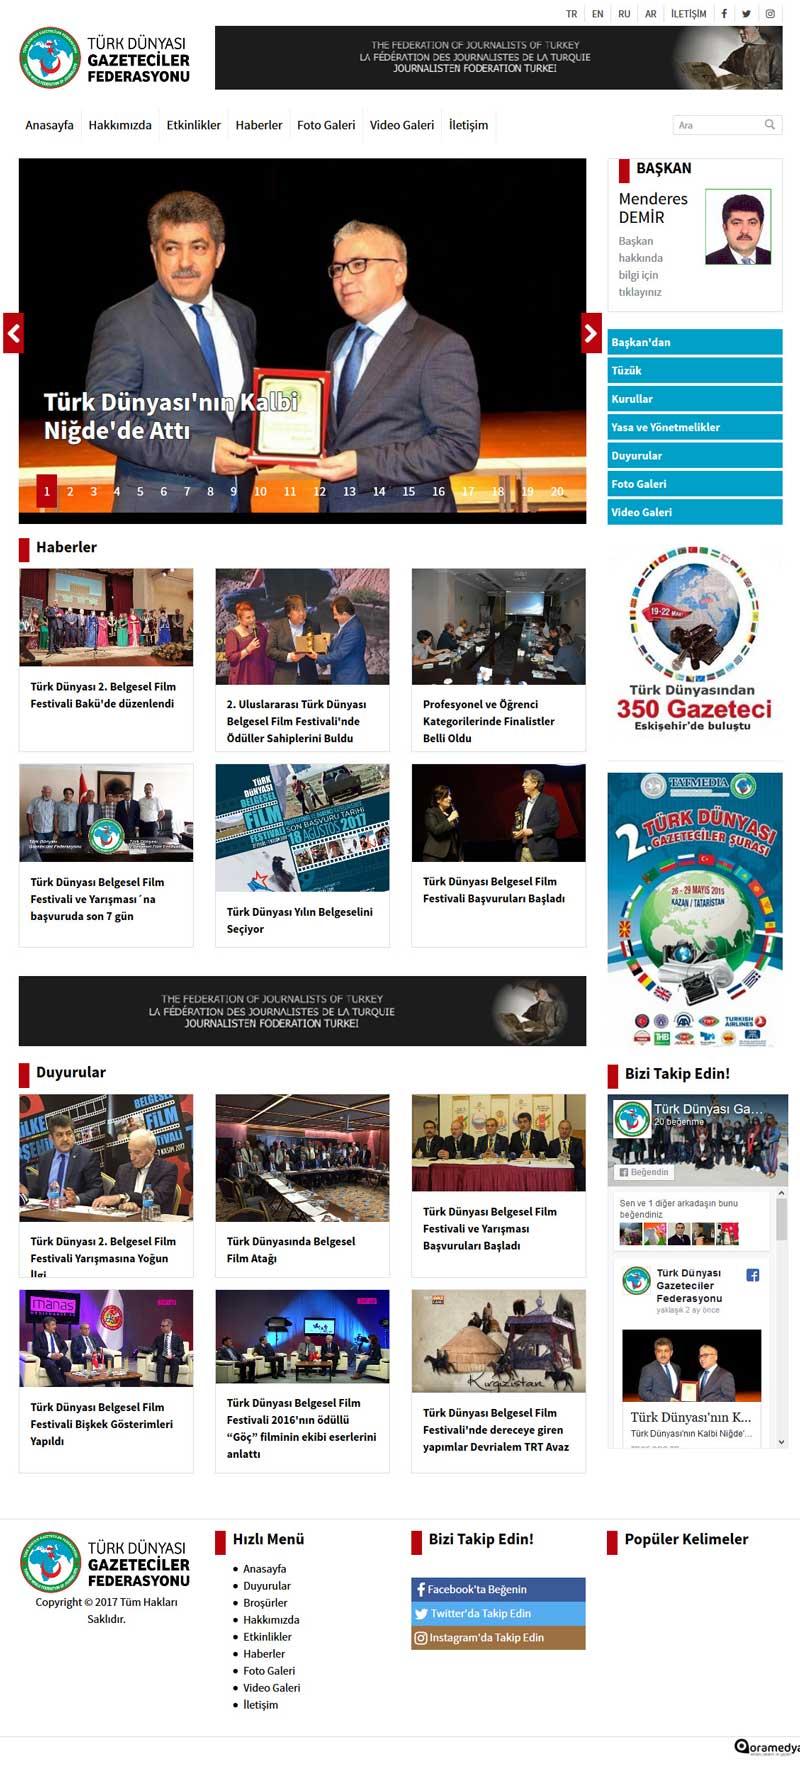 Türk Dünyası Gazeteciler Federasyonu Web Sitesi Tasarımı